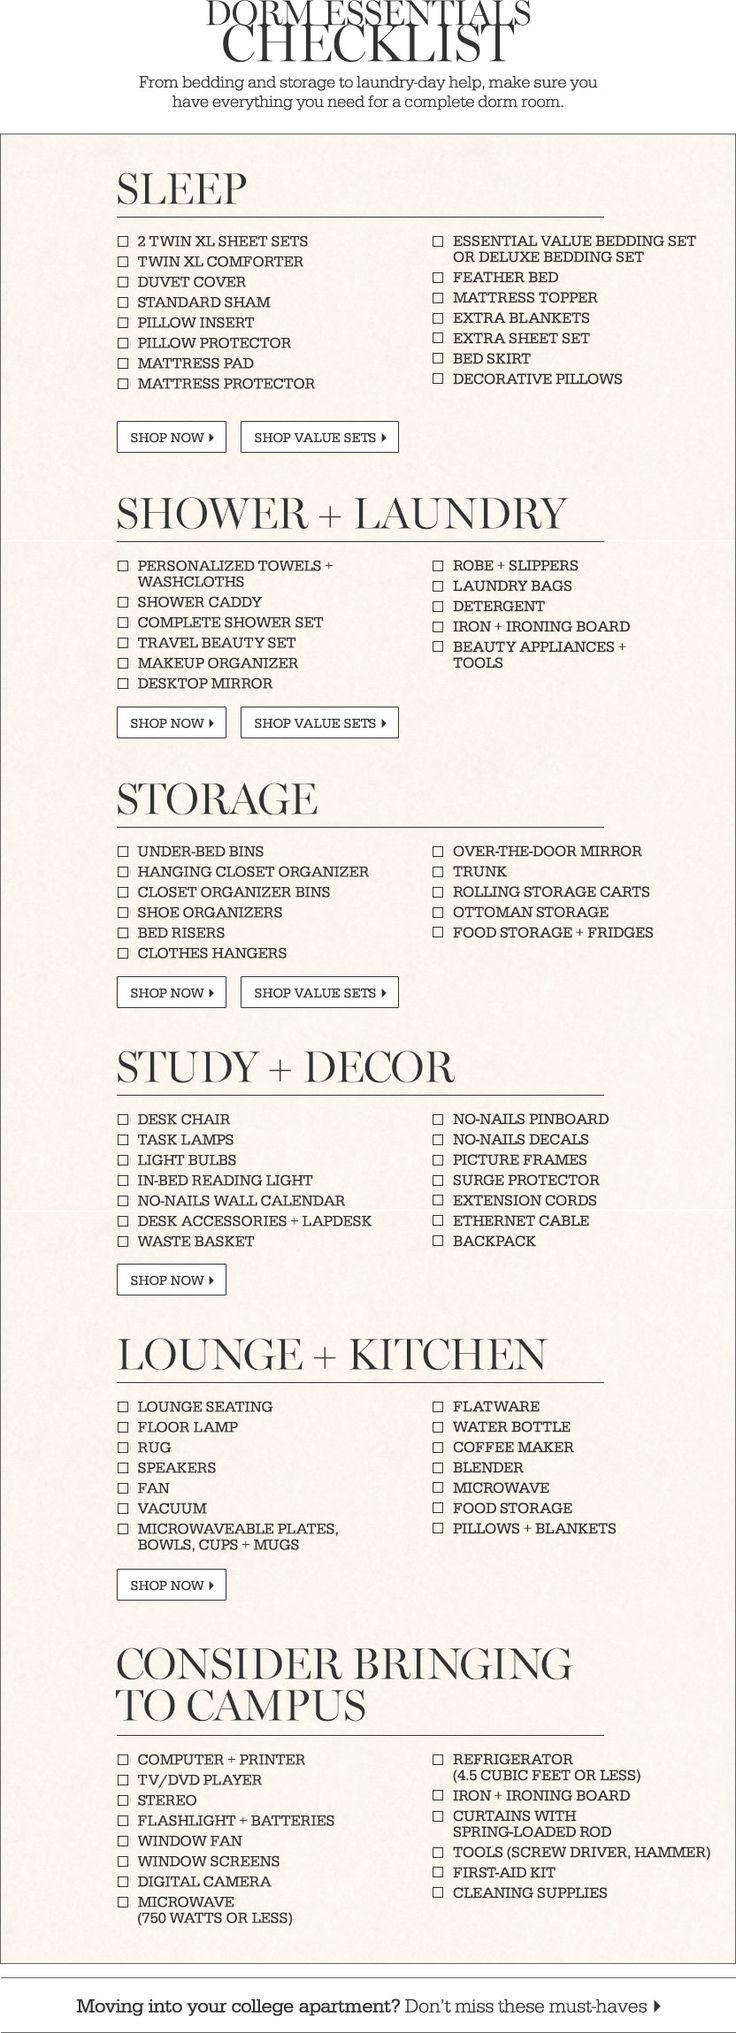 Dorm Essentials Checklist College Steven Pinterest